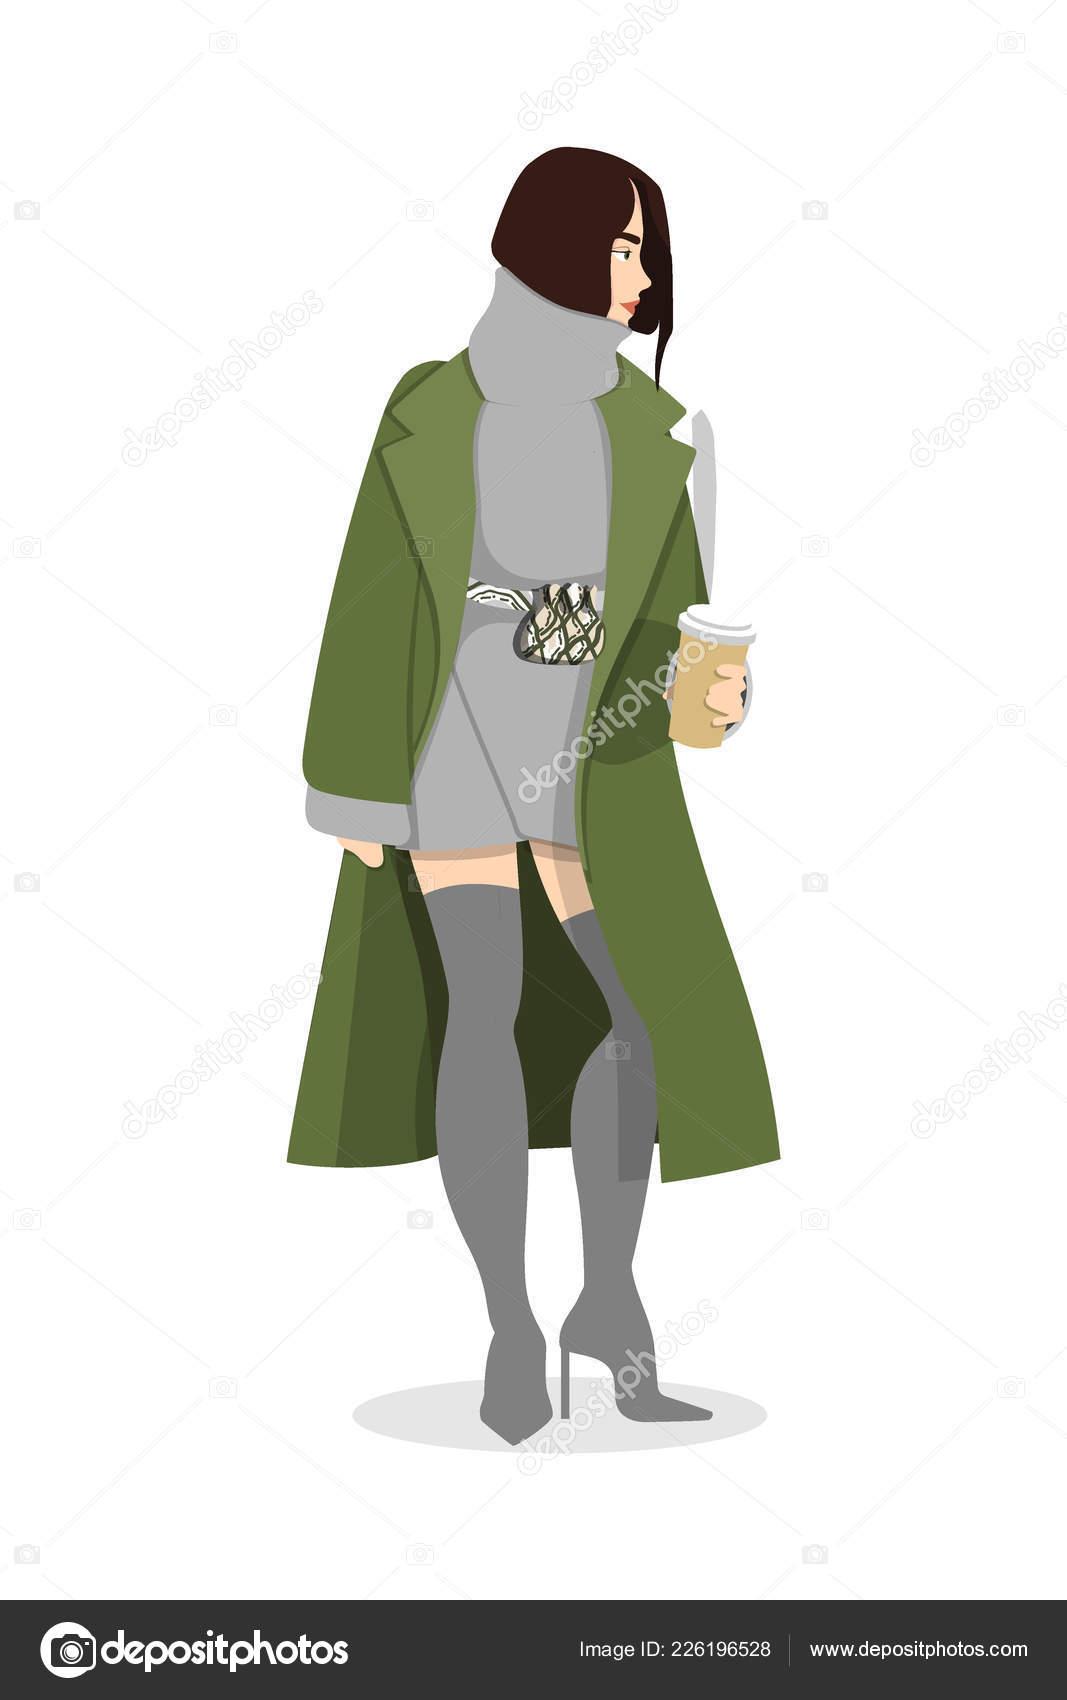 1200c4daa Mujeres vestidas con ropa de moda elegante - ilustración de moda ...